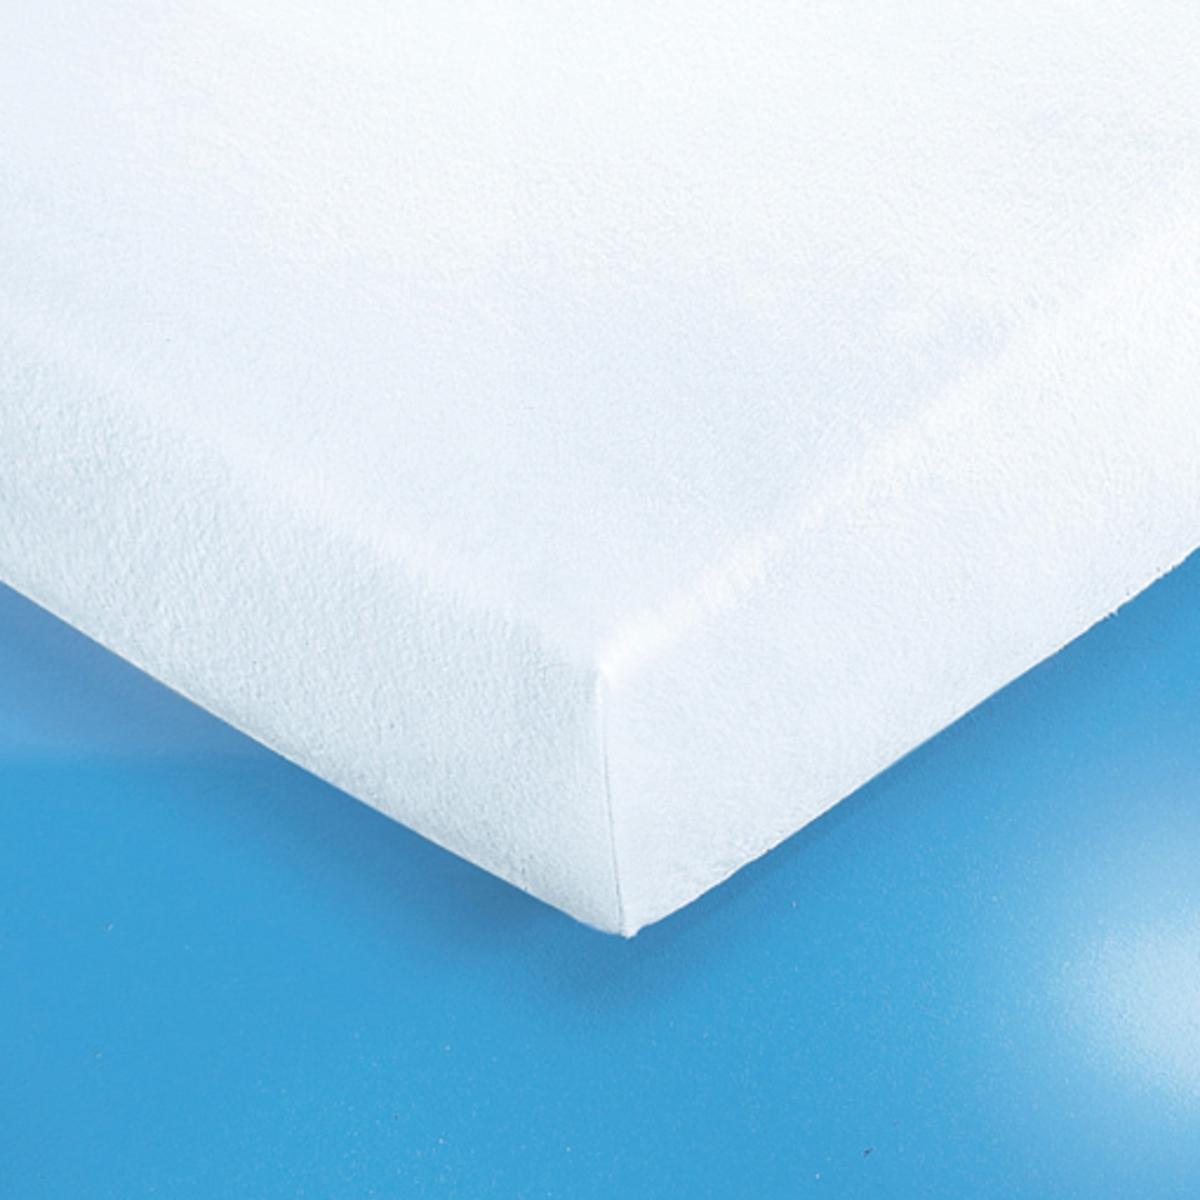 Чехол защитный для матраса натяжной из эластичной махровой ткани 400г/м? с водонепроницаемой пропиткой из ПВХУдобный впитывающий и водонепроницаемый защитный чехол для матраса впитывает влагу, выделяемую телом во время сна, защищая Ваше постельное белье от разводов, бактерий и клещей. Прочный и нежный на ощупь защитный чехол на матрас из махровой ткани с завитым ворсом 400 г/м? с непромокаемой прослойкой из ПВХ без содержания фталатов . Обработка против бактерий и плесени.Клапан из эластичного джерси для матрасов толщиной до 25  см. Стирка при температуре до 95°.Качество VALEUR S?RE.<br><br>Цвет: белый